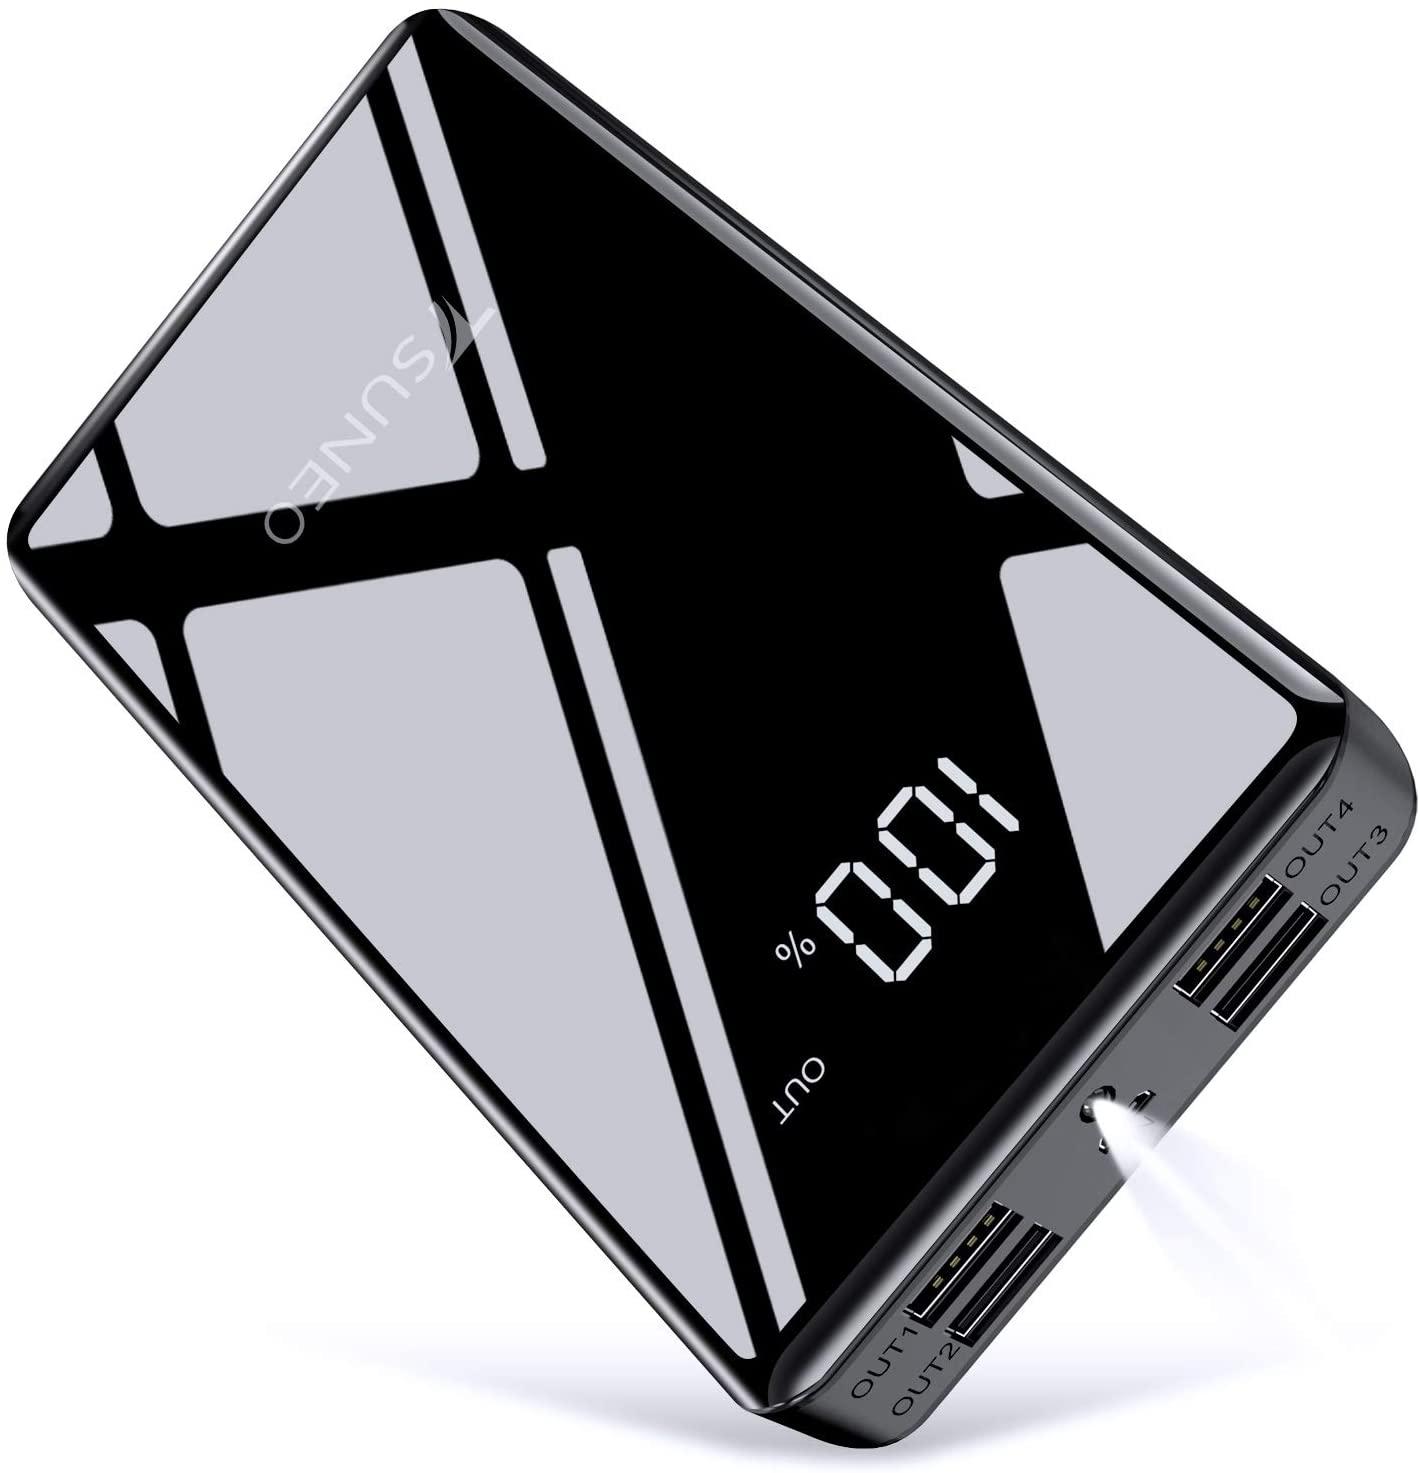 アマゾンでTSUNEOのモバイルバッテリー 25000mAh 4ポート出力が結構な割引。実測78%と優秀。